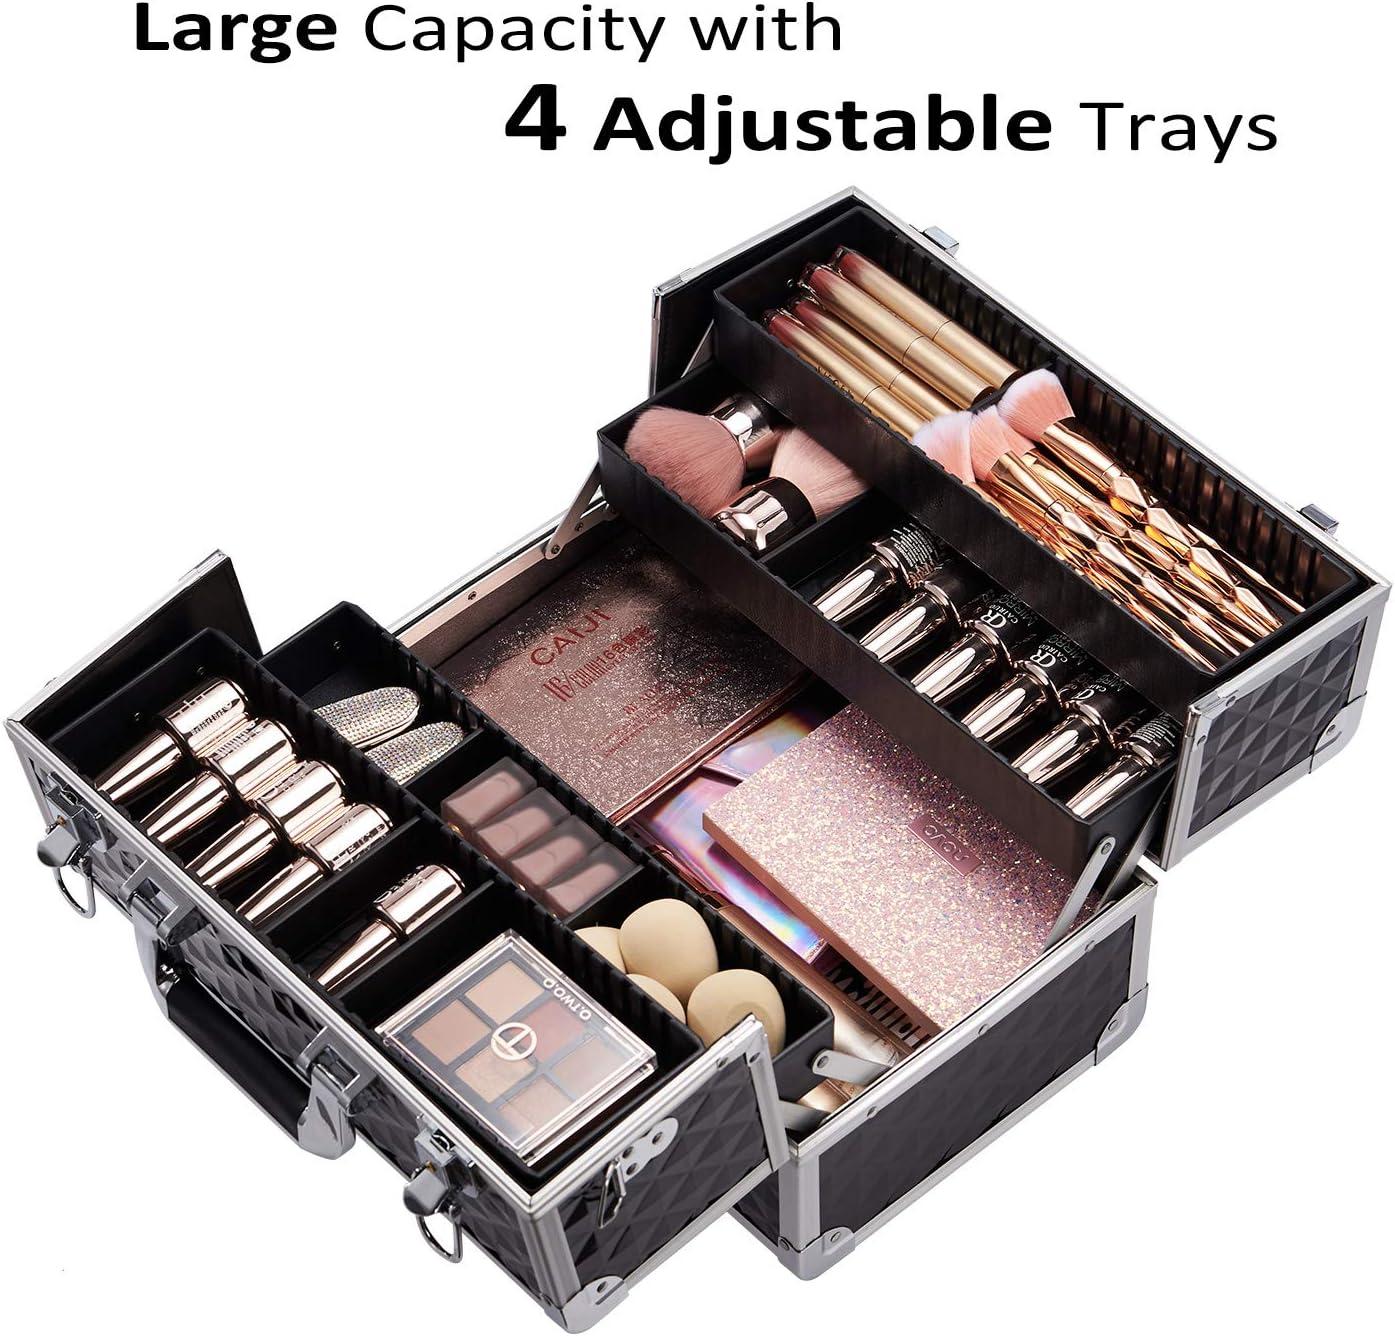 Sac Maquillage Coffret de Rangement de Bijoux de Cas de Vanit/é de Bo/îte de Cosm/étiques de Sac Malette Valise Maquillage Vanity Nior